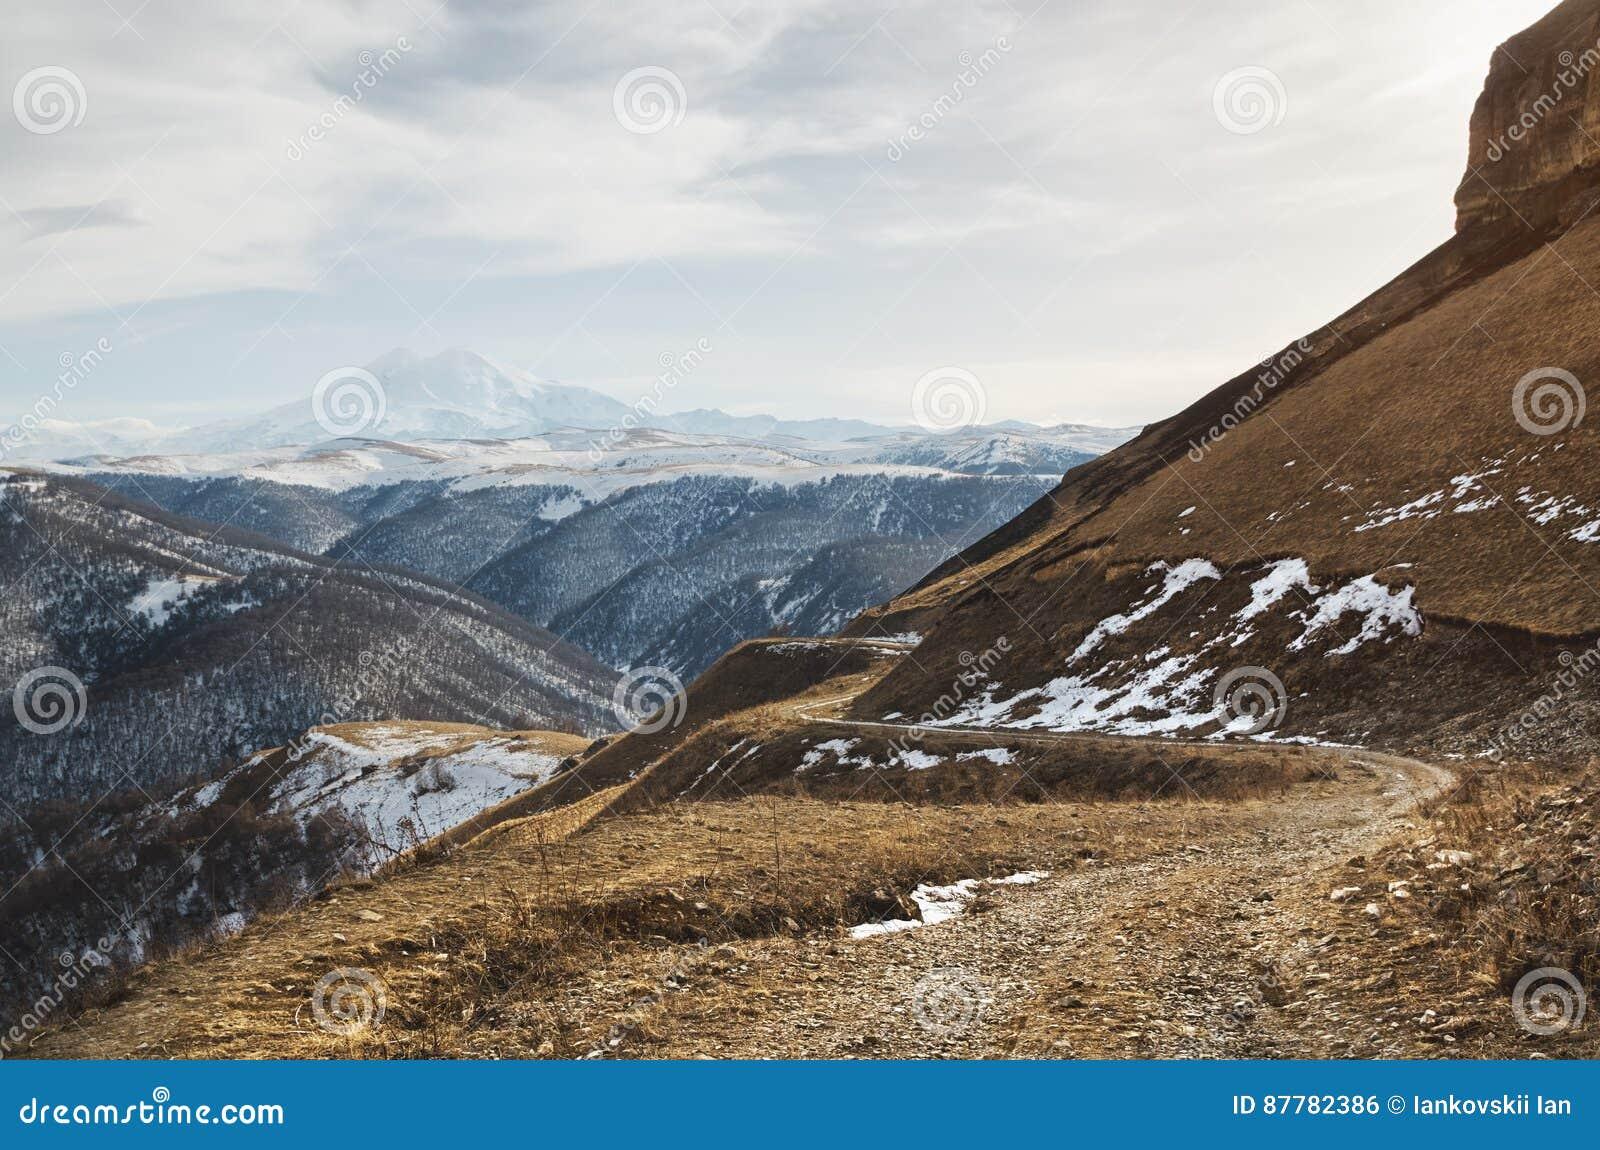 Where is the volcano Elbrus 77